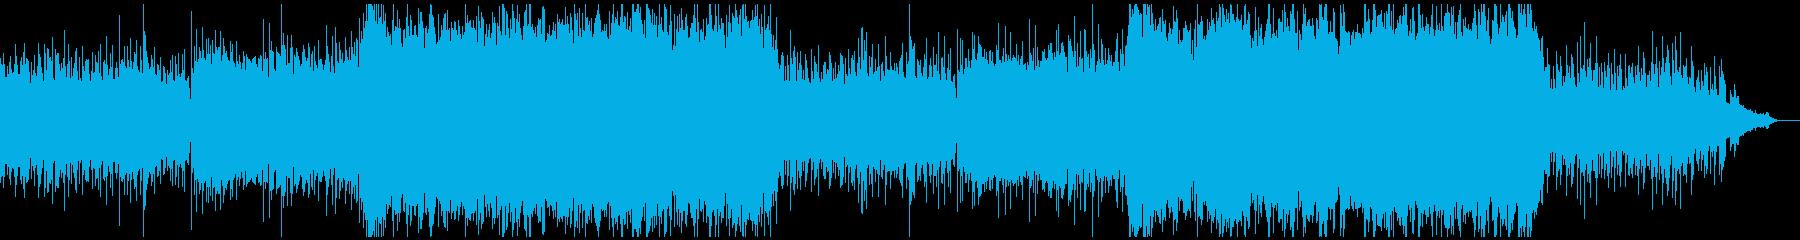 ストリングスの壮大なヒーリングの再生済みの波形